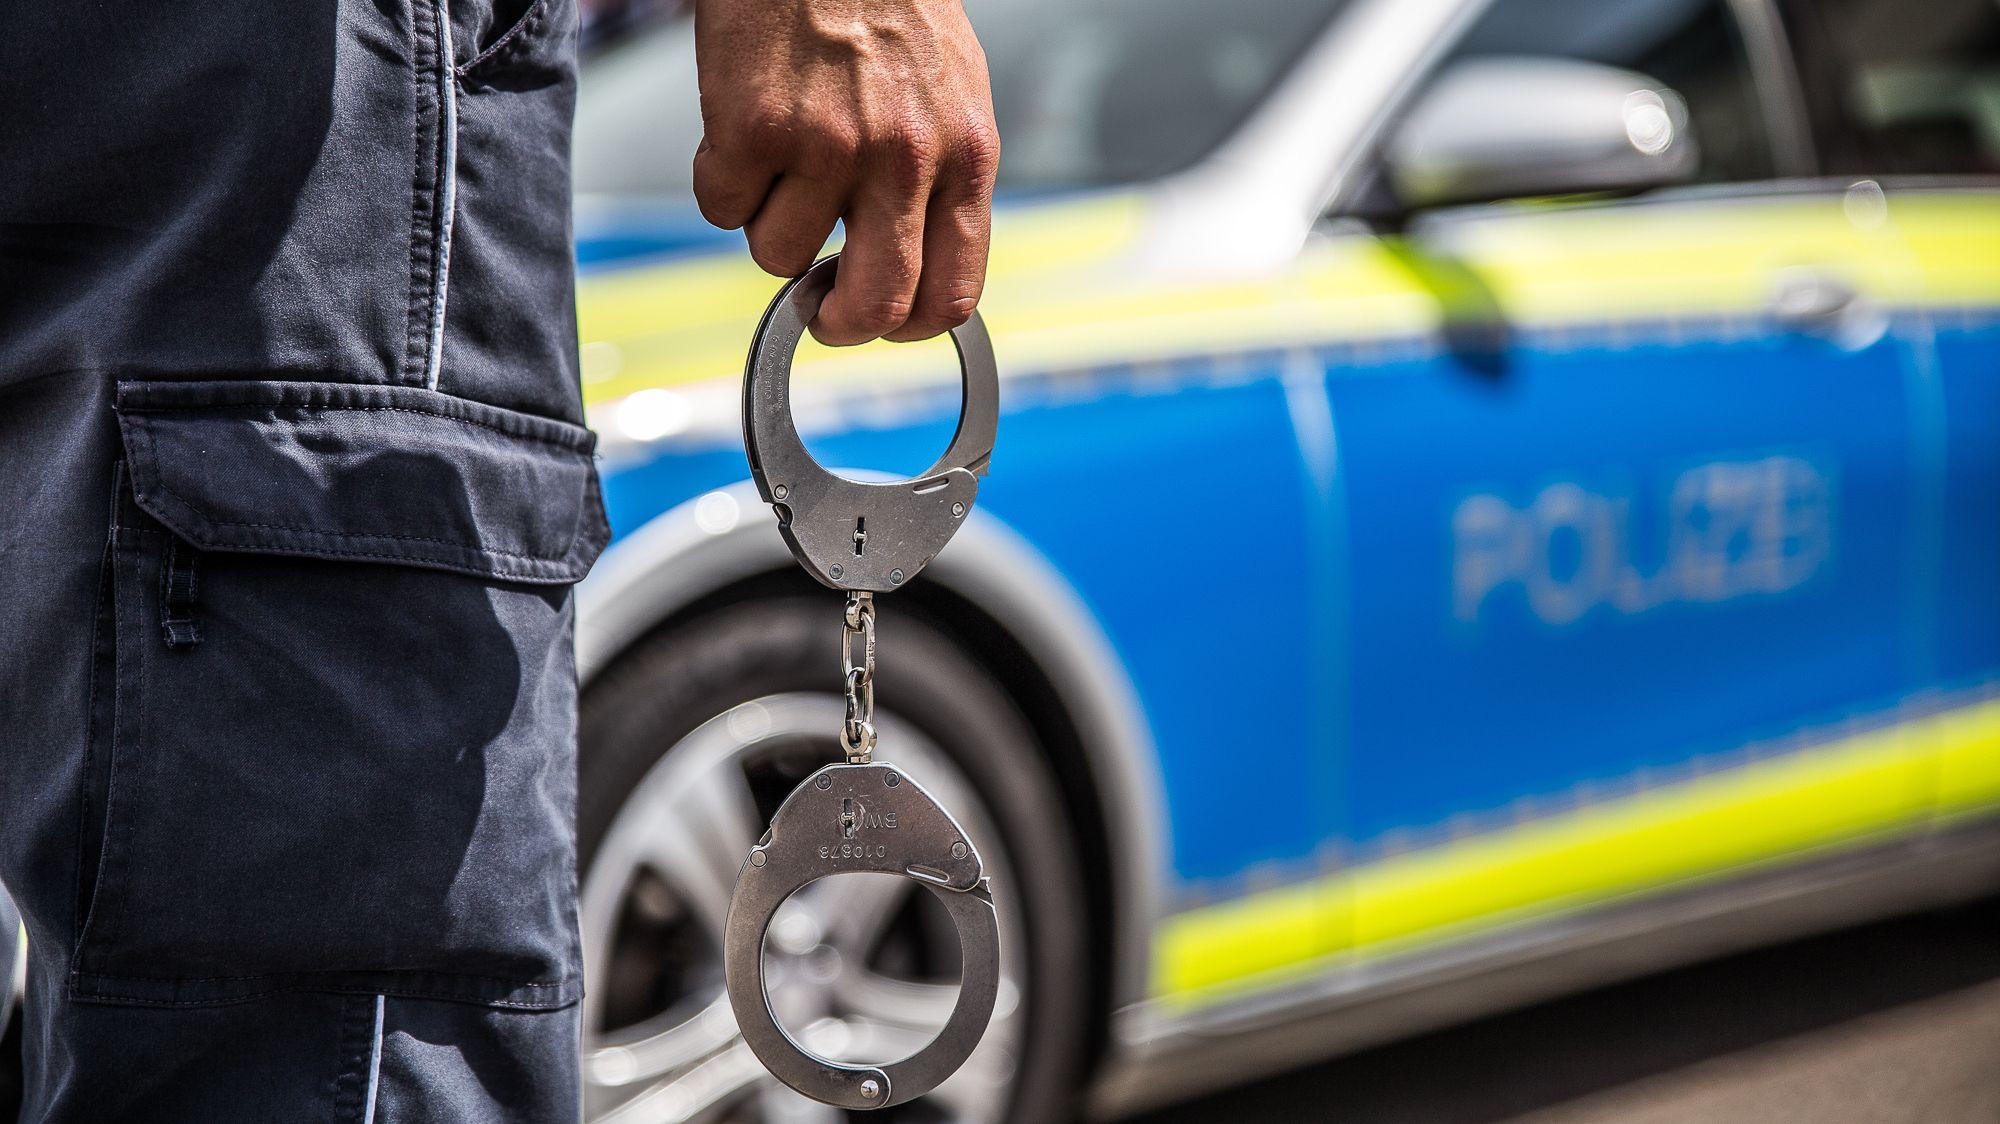 Überfahrene Fußgängerin - Ermittlungen wegen versuchten Mordes